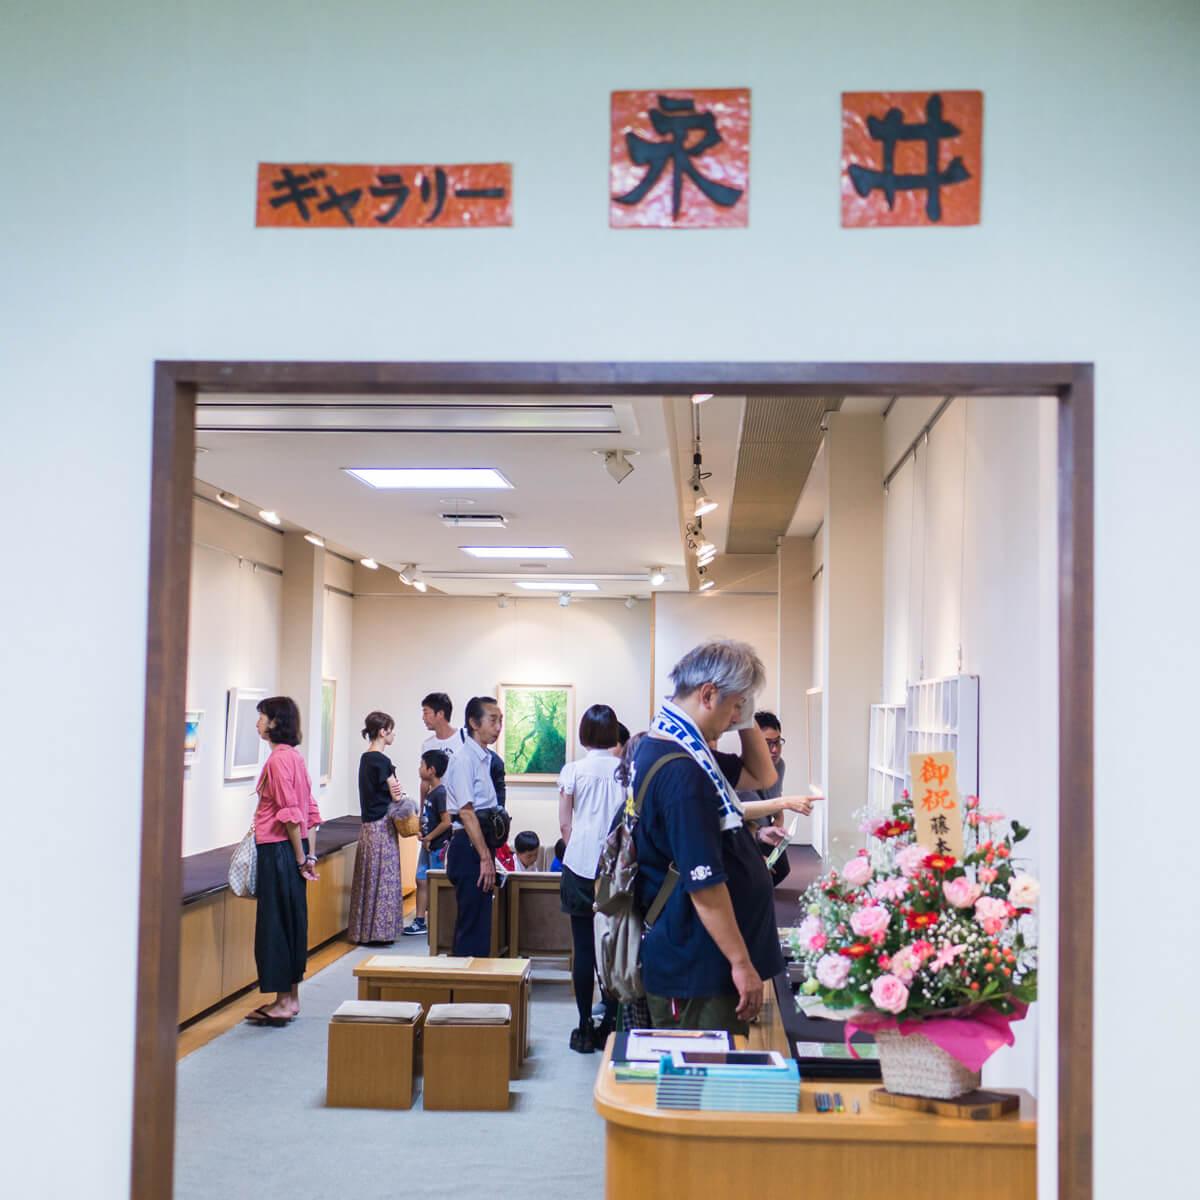 高田裕子個展 2018 心斎橋 ギャラリー永井、初日レポート